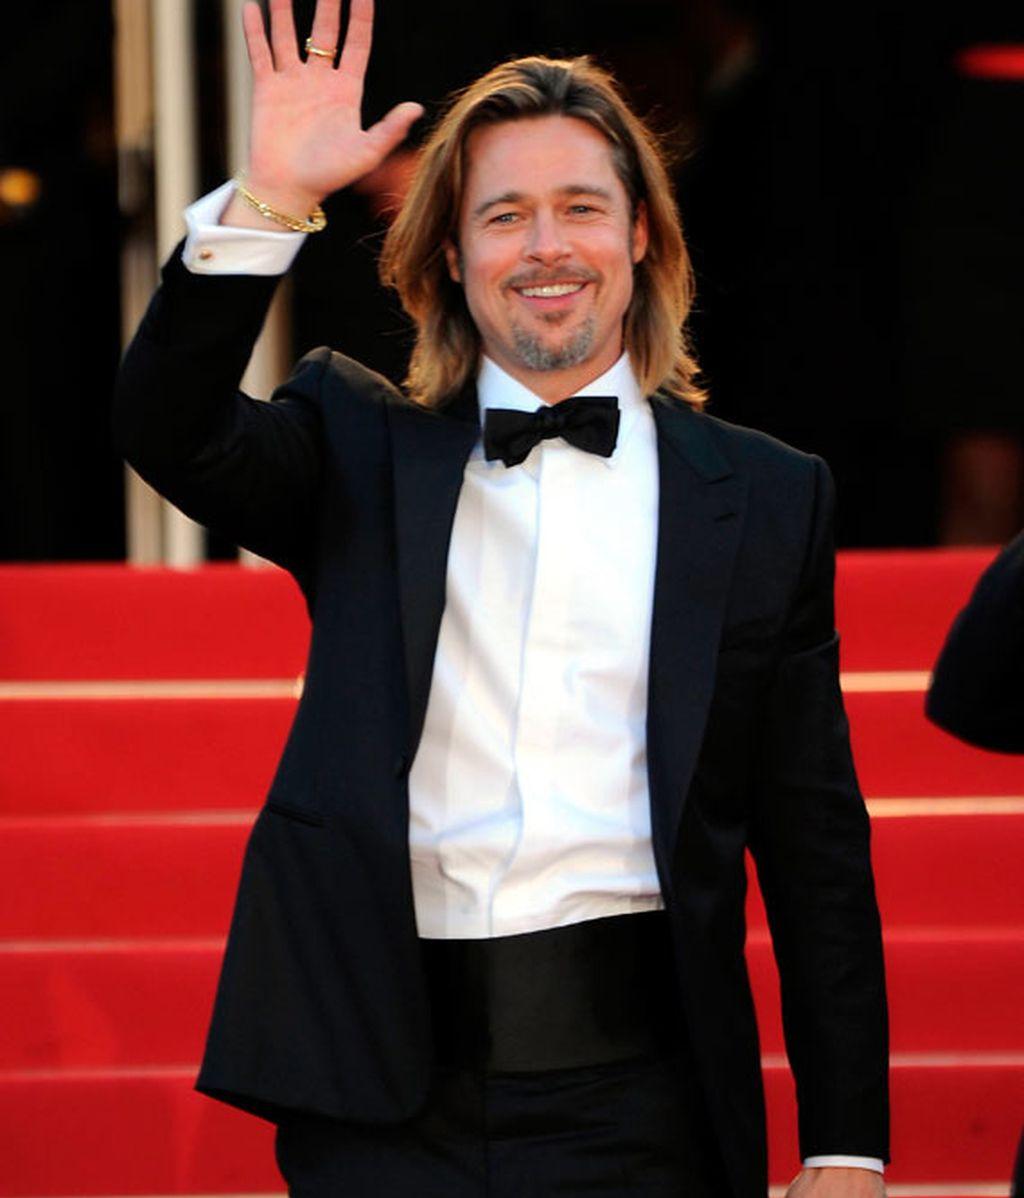 Irina, enseñando cacha, acompaña a Brad Pitt en la premier de su pelicula